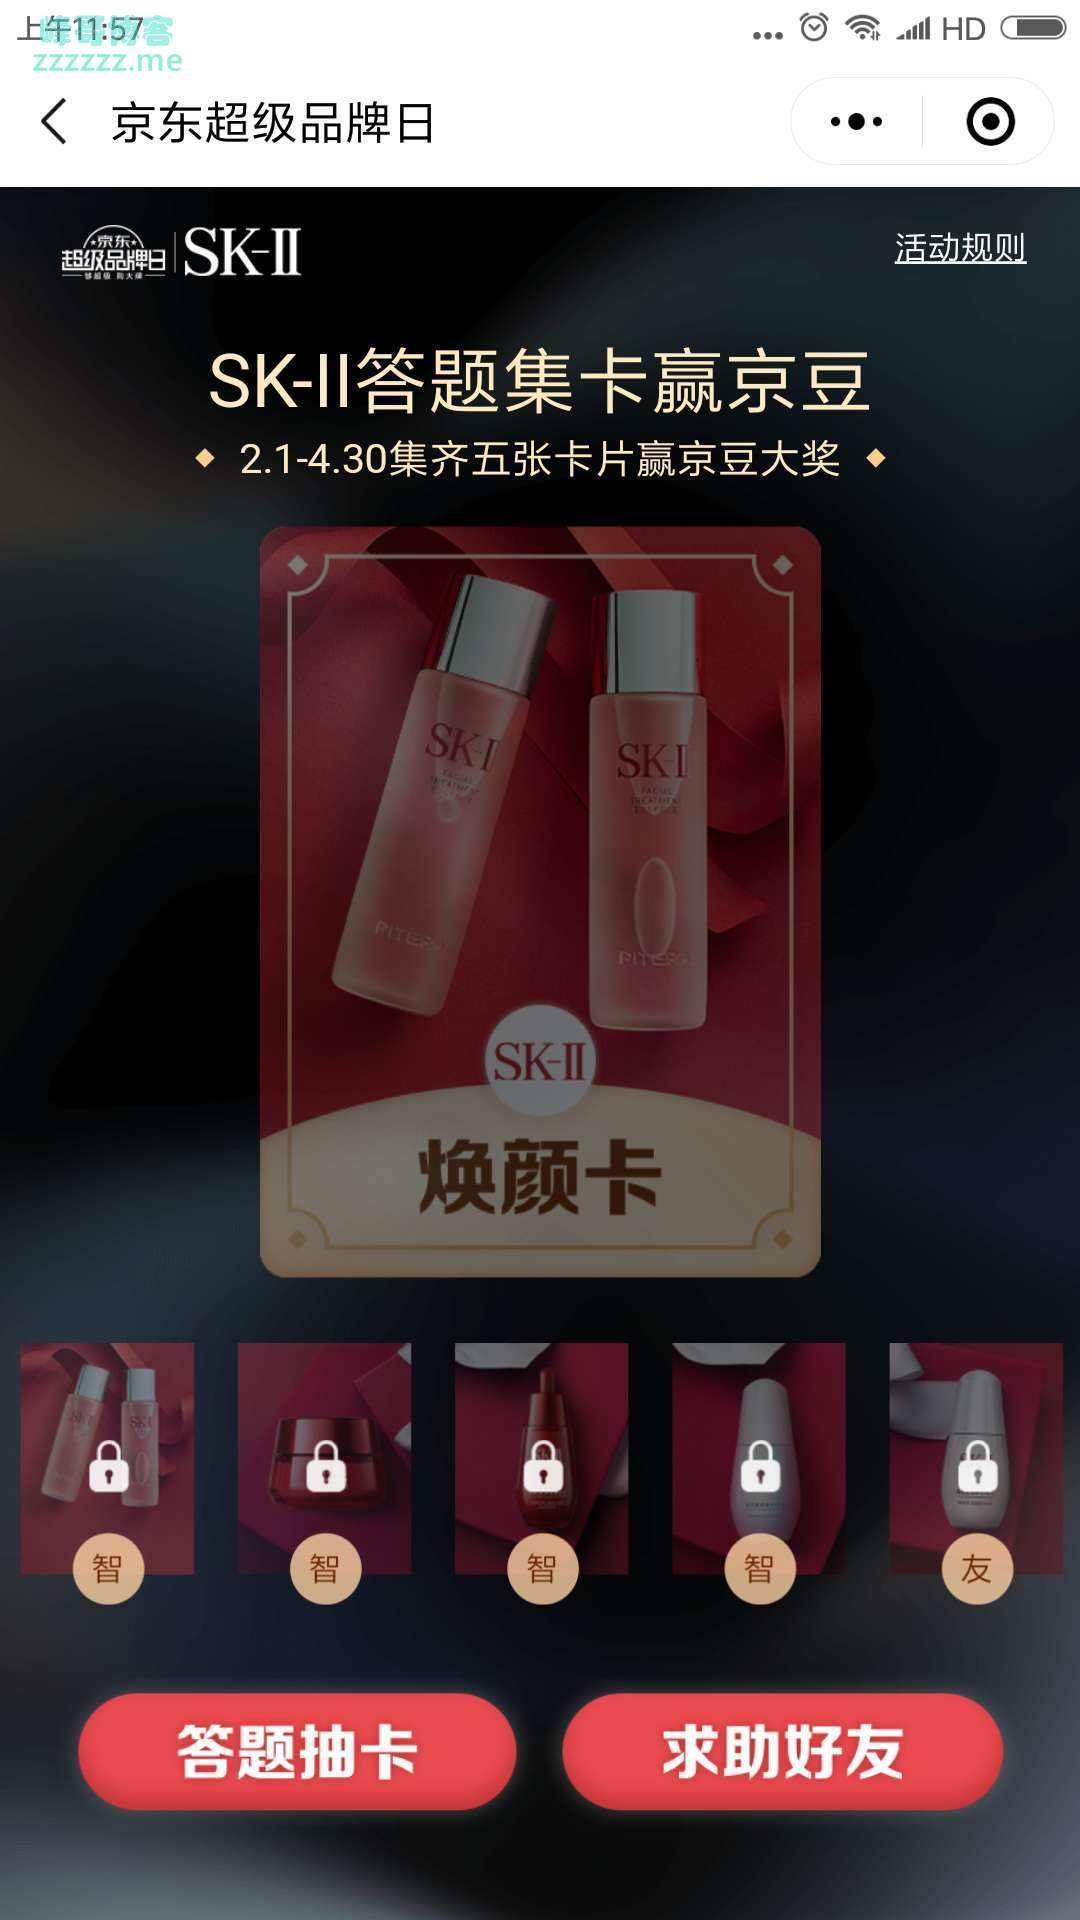 <京东>SK2 答题赢888京豆(截至4月30日)